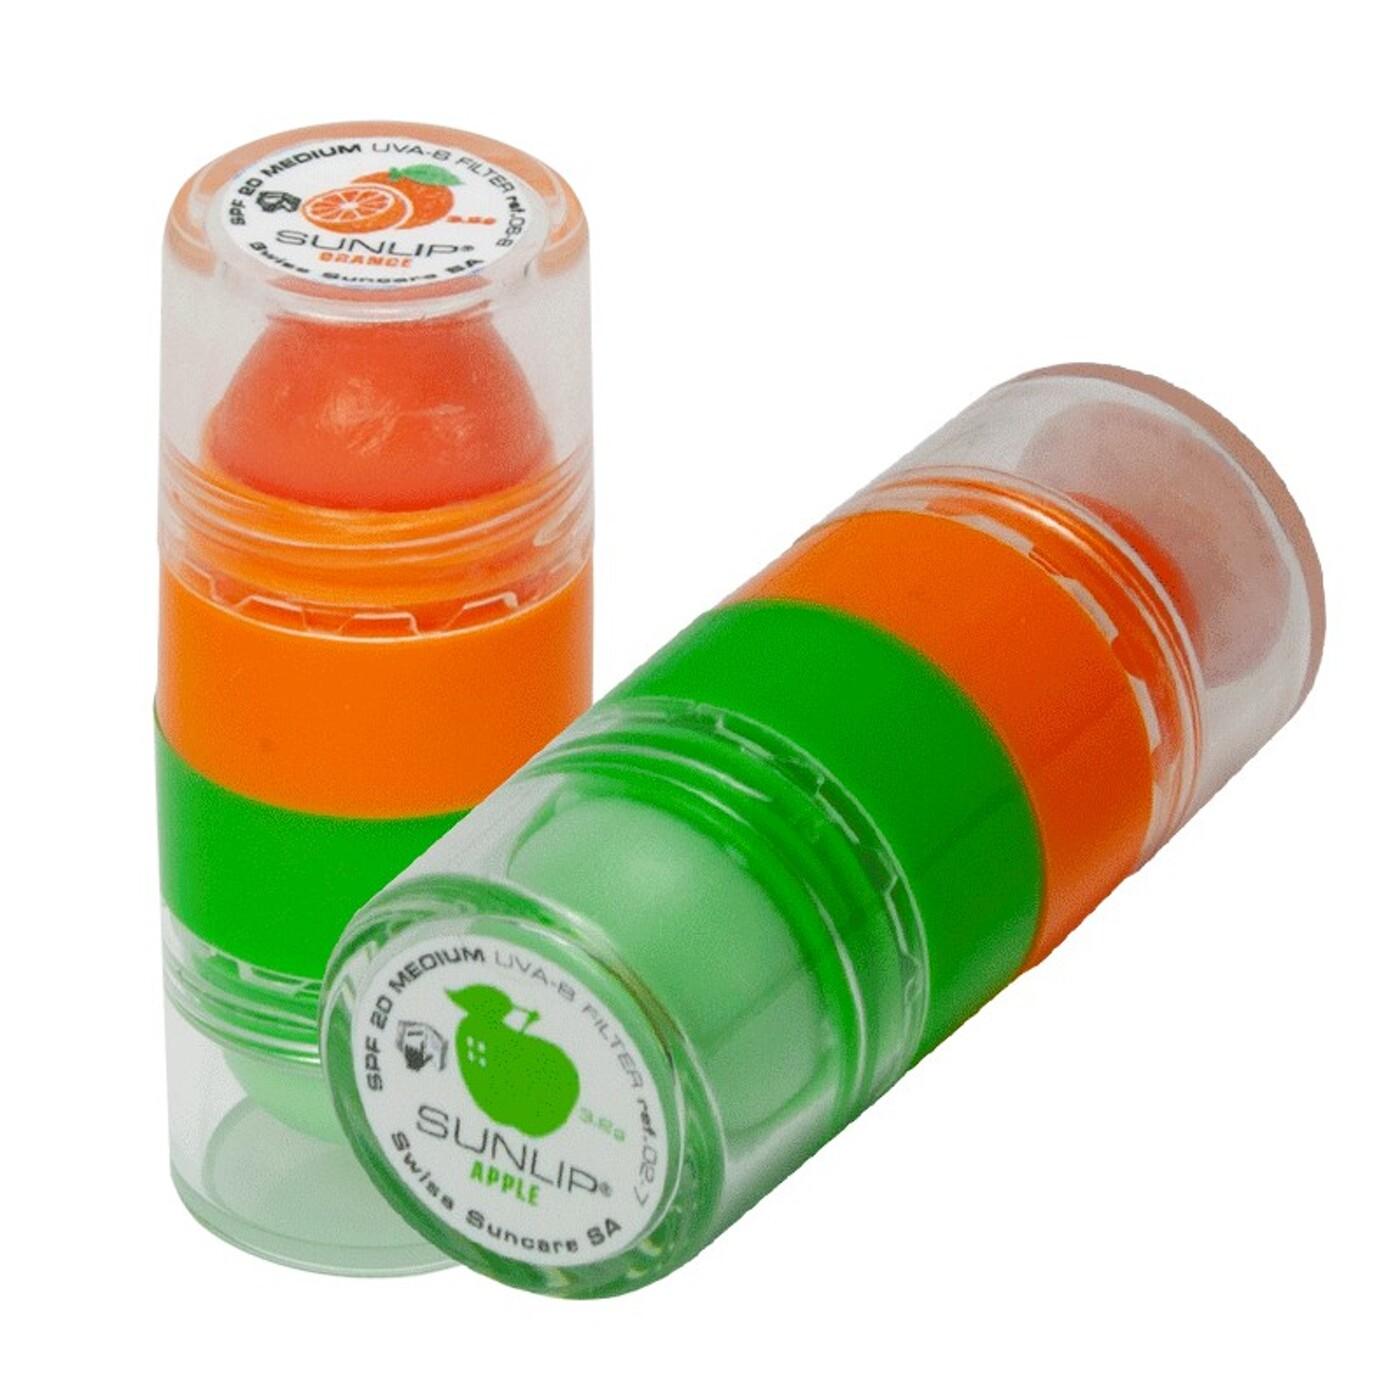 BELSUN Sunlip Duo Apfel/Orange